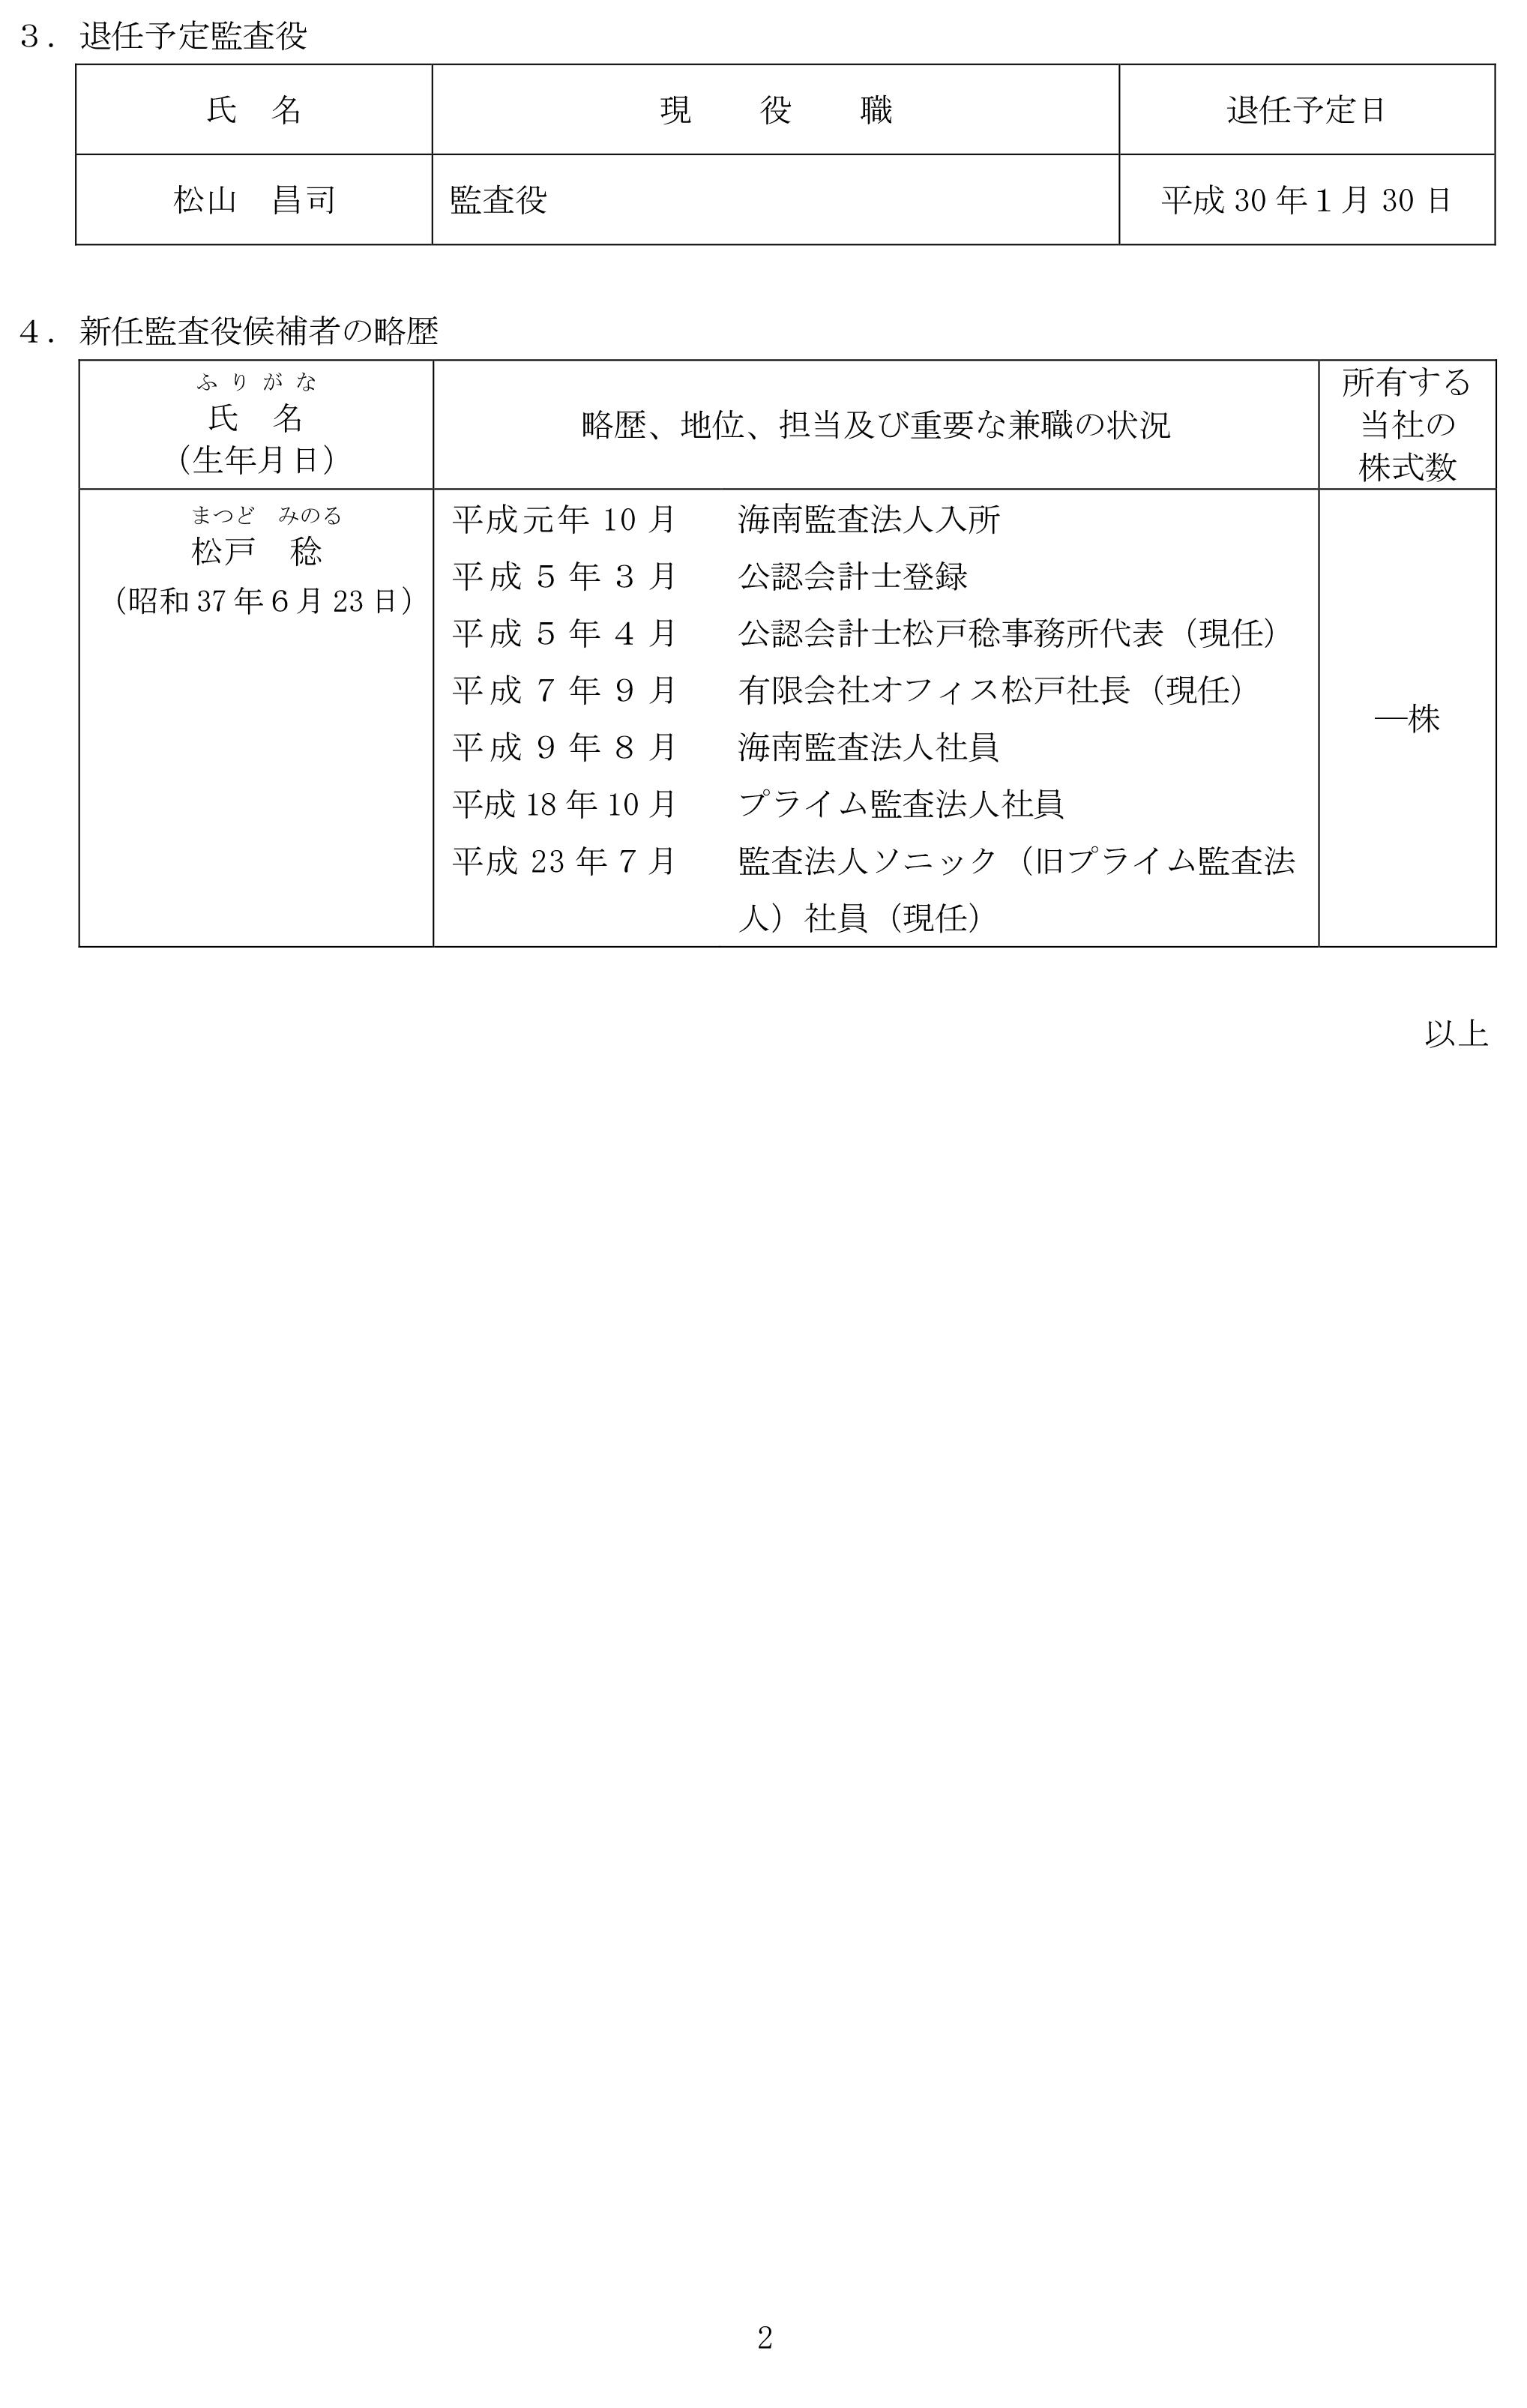 17-12-11役員人事に関するお知らせ-2